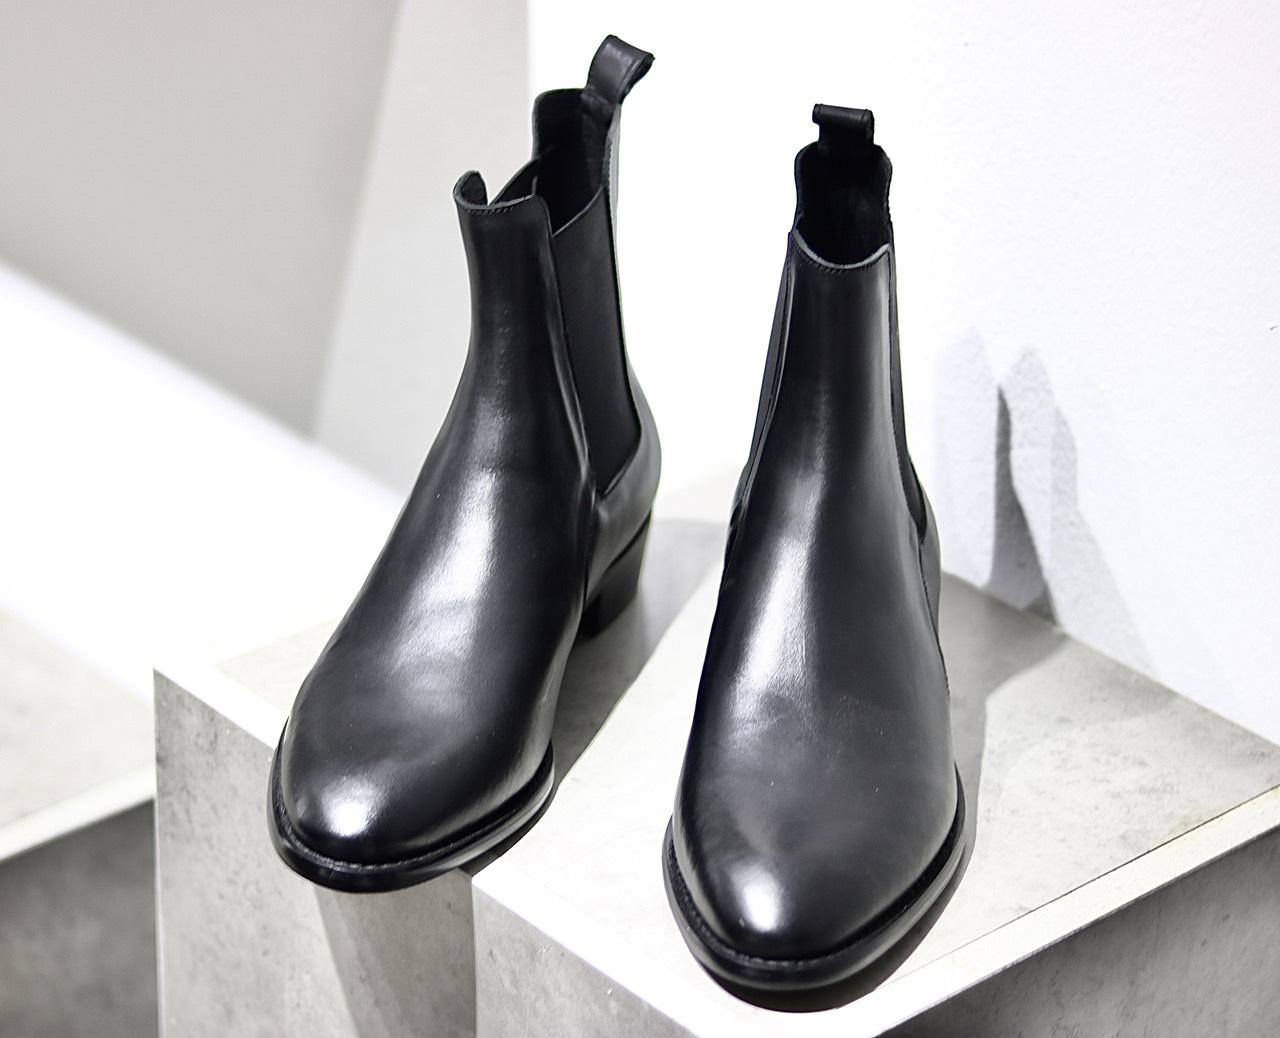 Giày Nam Chelsea Boots Da Bò Đế Gỗ Kiểu Dáng Đường Phố BẢO Dưỡng 12 THÁNG Tặng Phụ Kiện Hộp + Lót